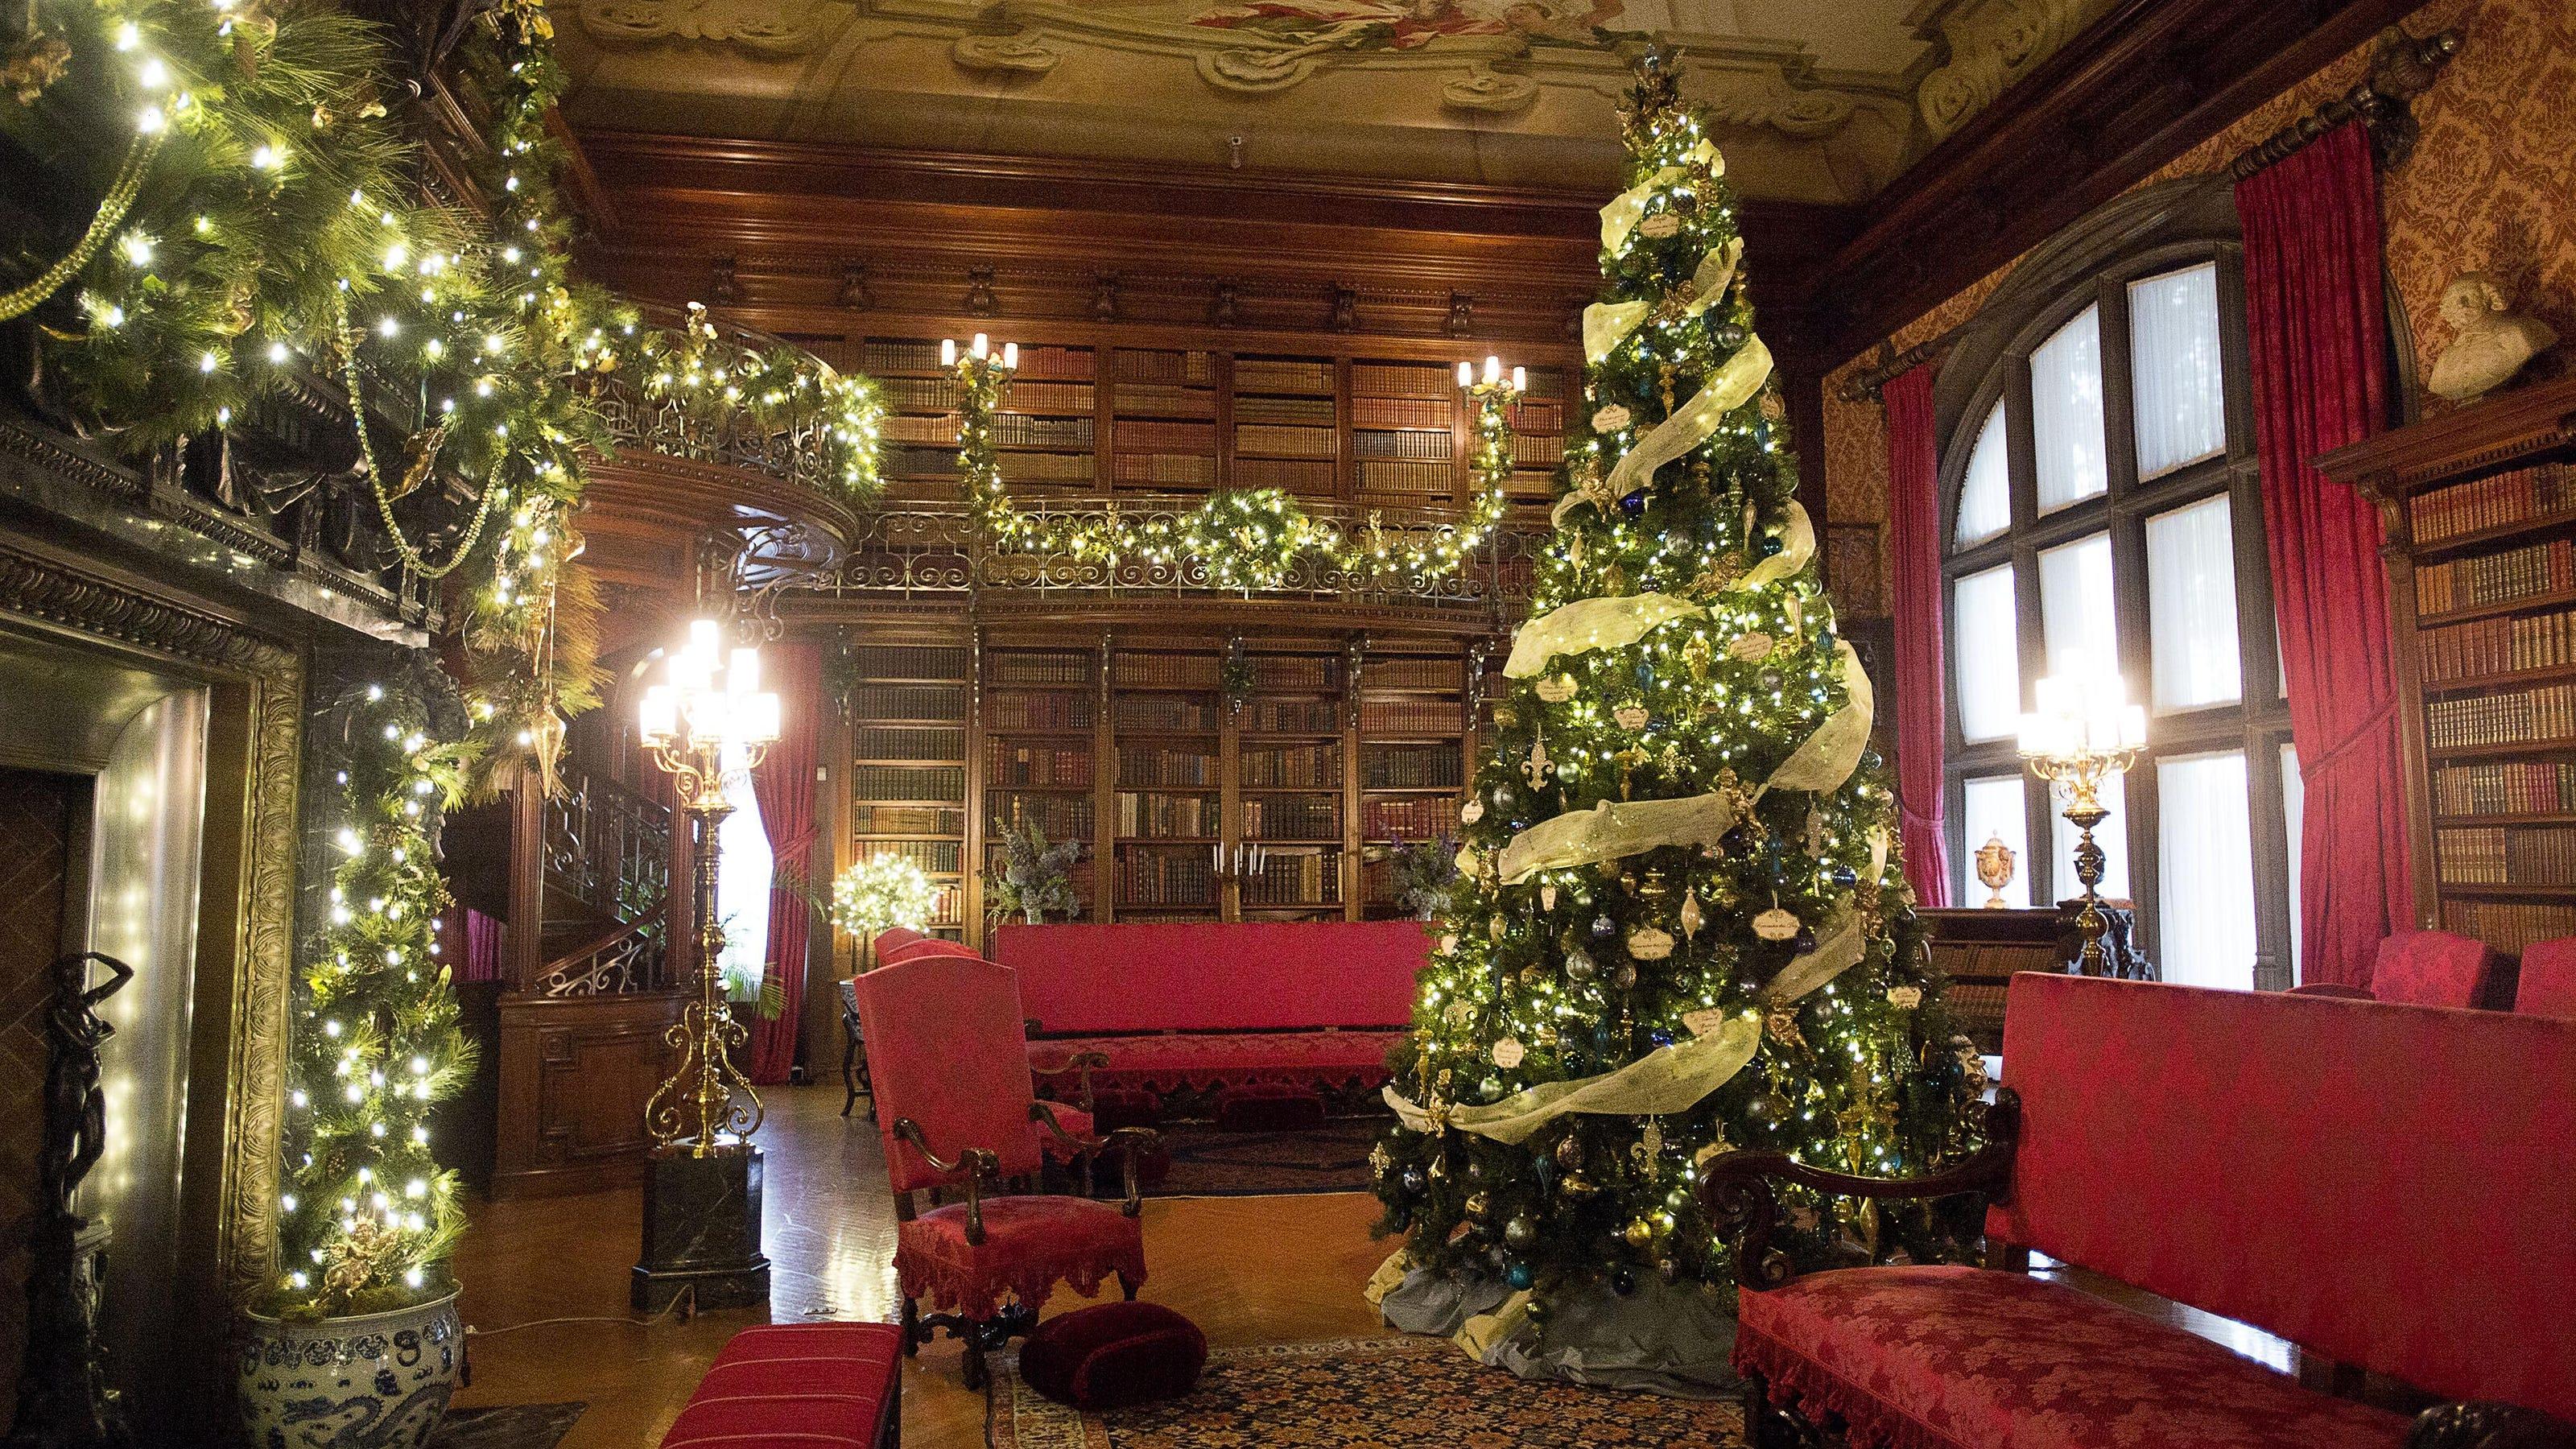 Biltmore Christmas Numbers 113 Trees 10 227 Feet Of